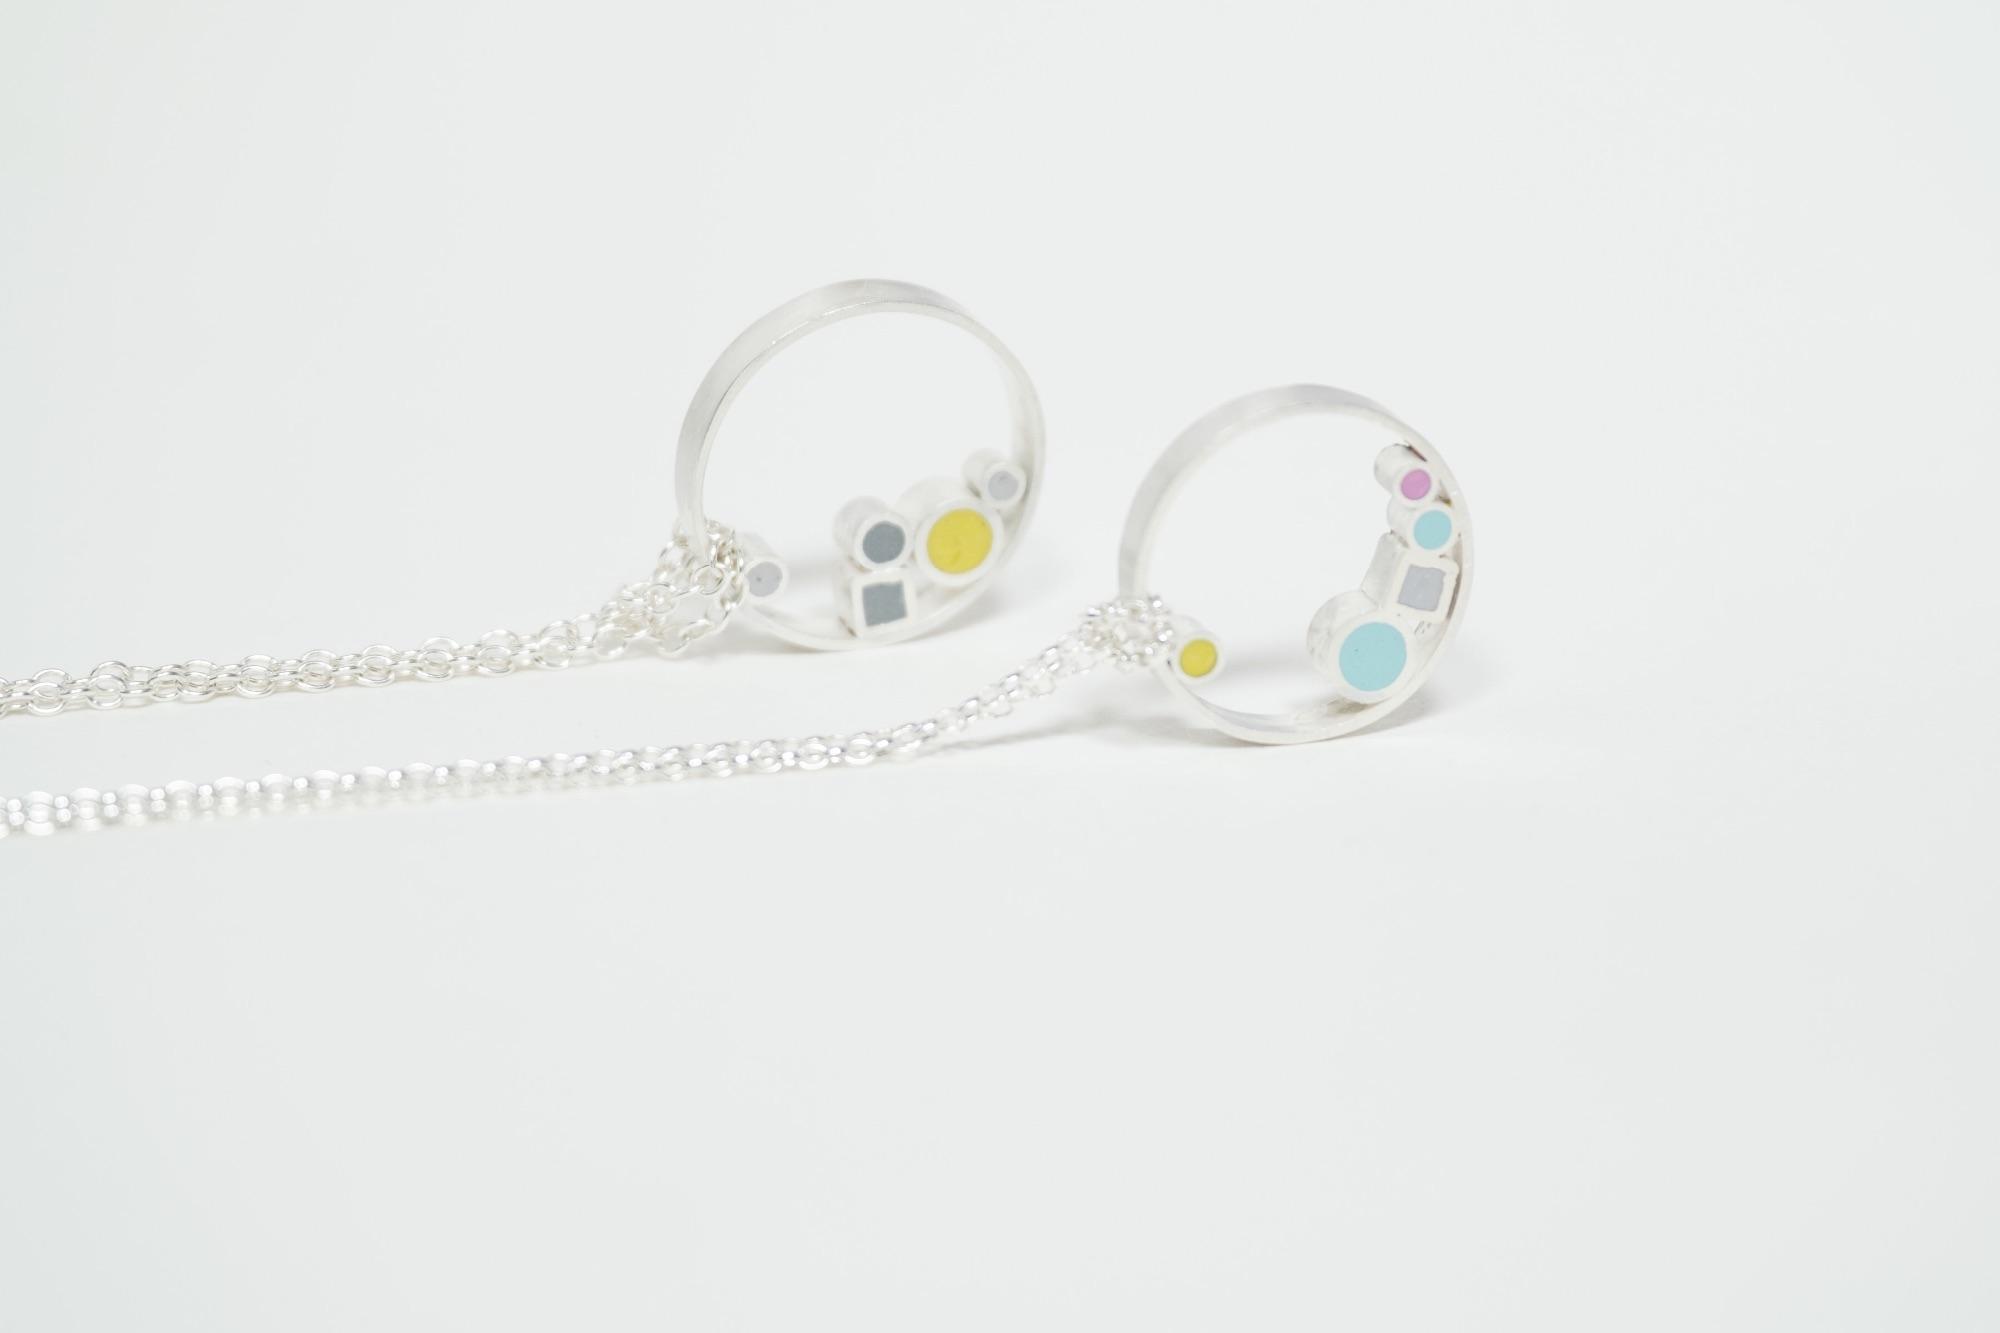 Circle pendant necklaces by Colour Designs